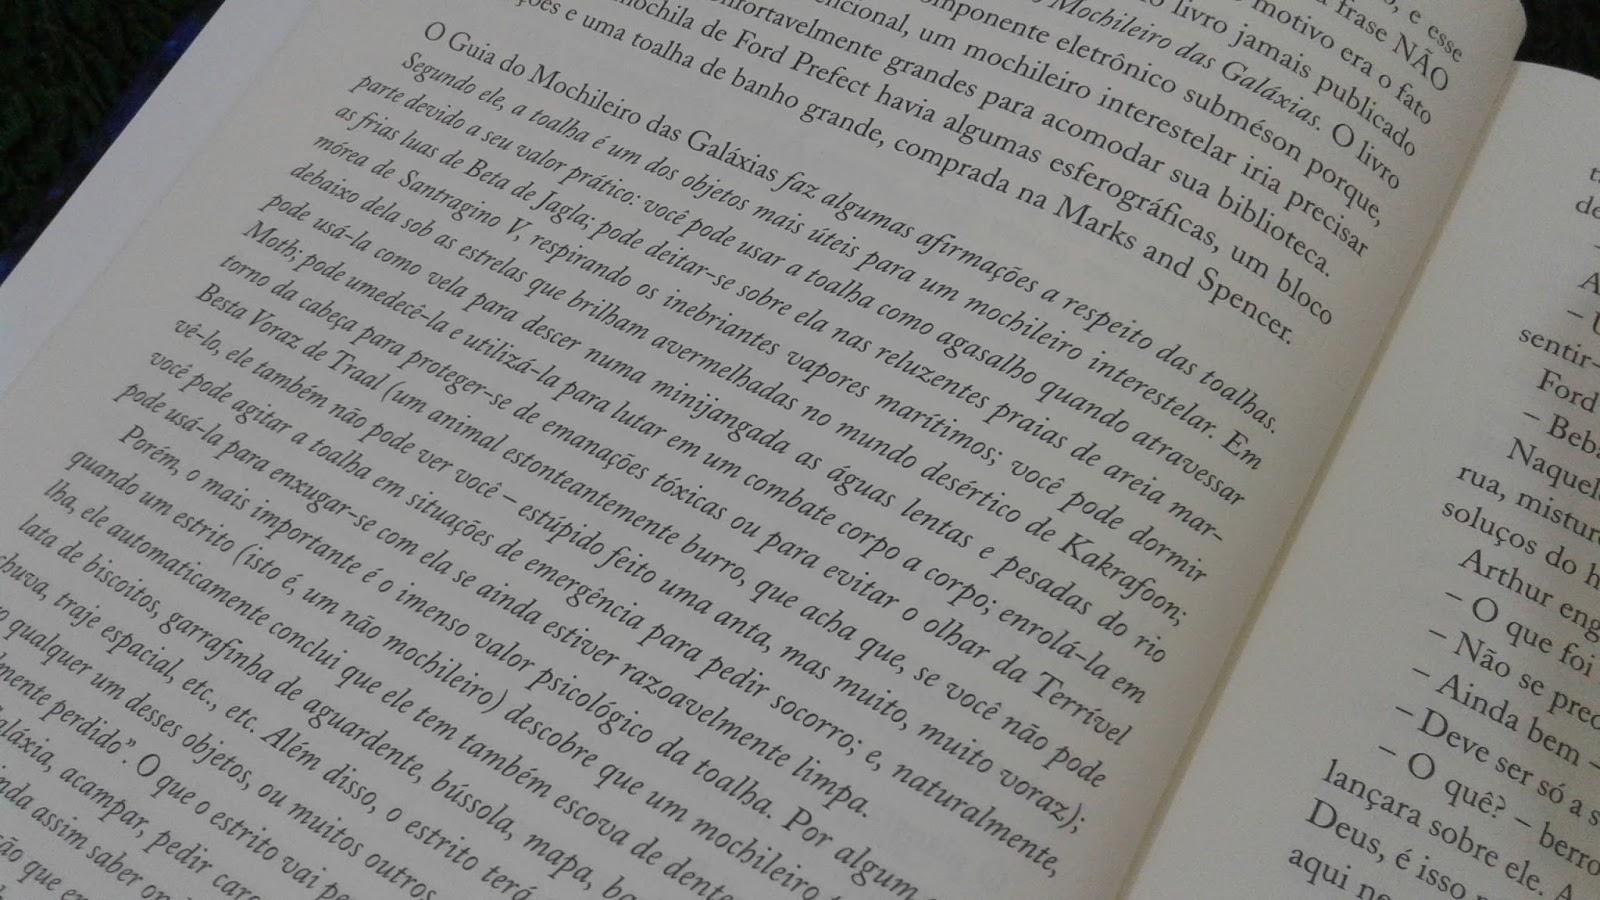 Livros Resenha O Guia Definitivo Do Mochileiro Das Galáxias